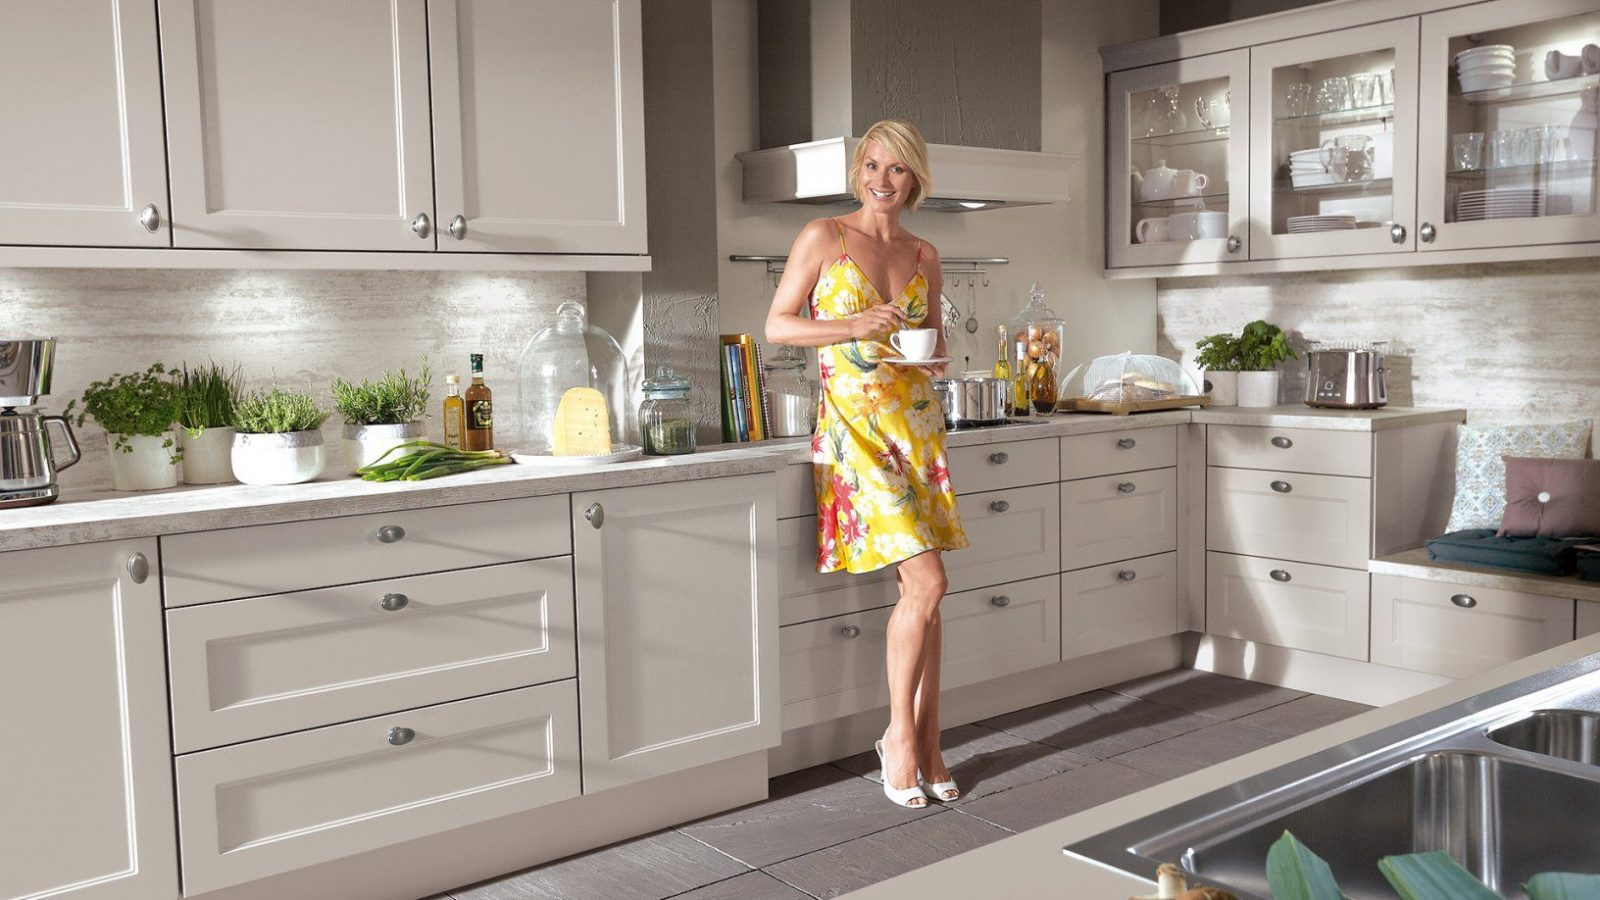 Küche Retro Stil | Küche San Marino Moebel88 Creme Vintage Stil Matt